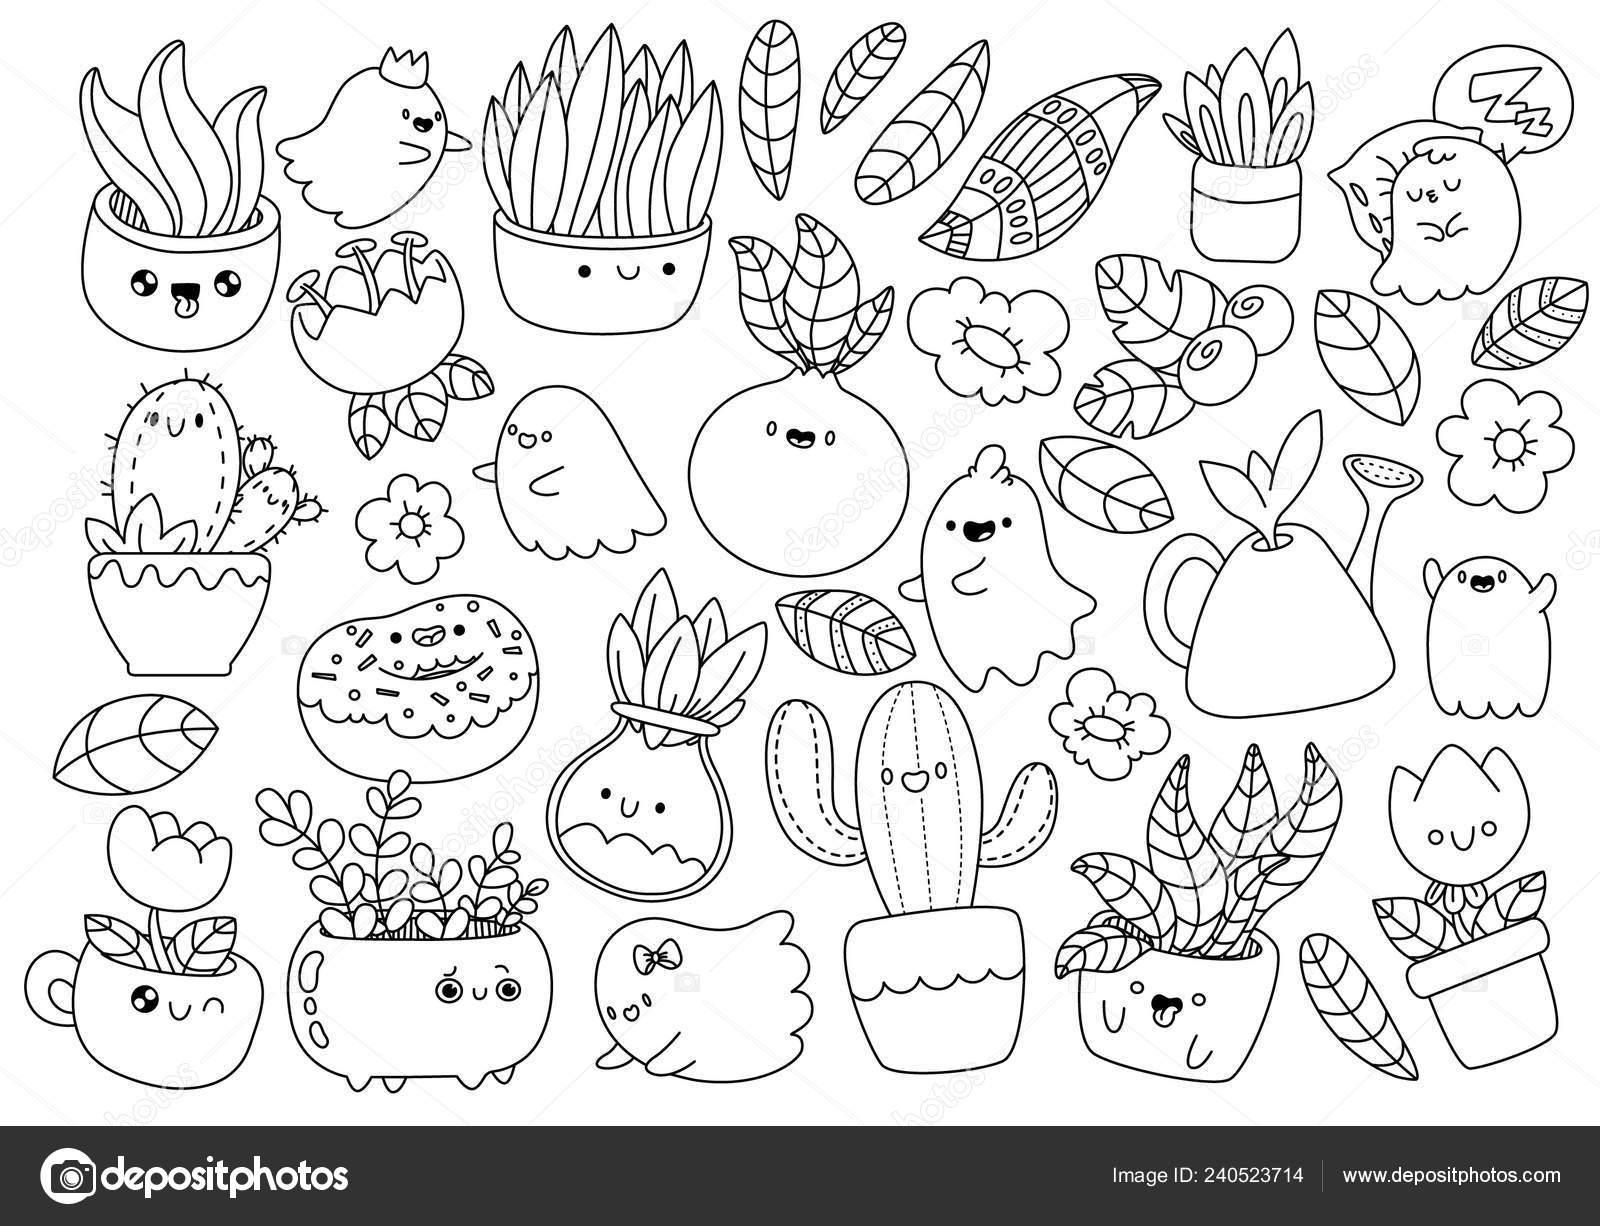 Desenho De Biblioteca Para Colorir: Image Of Dibujos Kawaii Para Colorear Kawaii Para Colorear